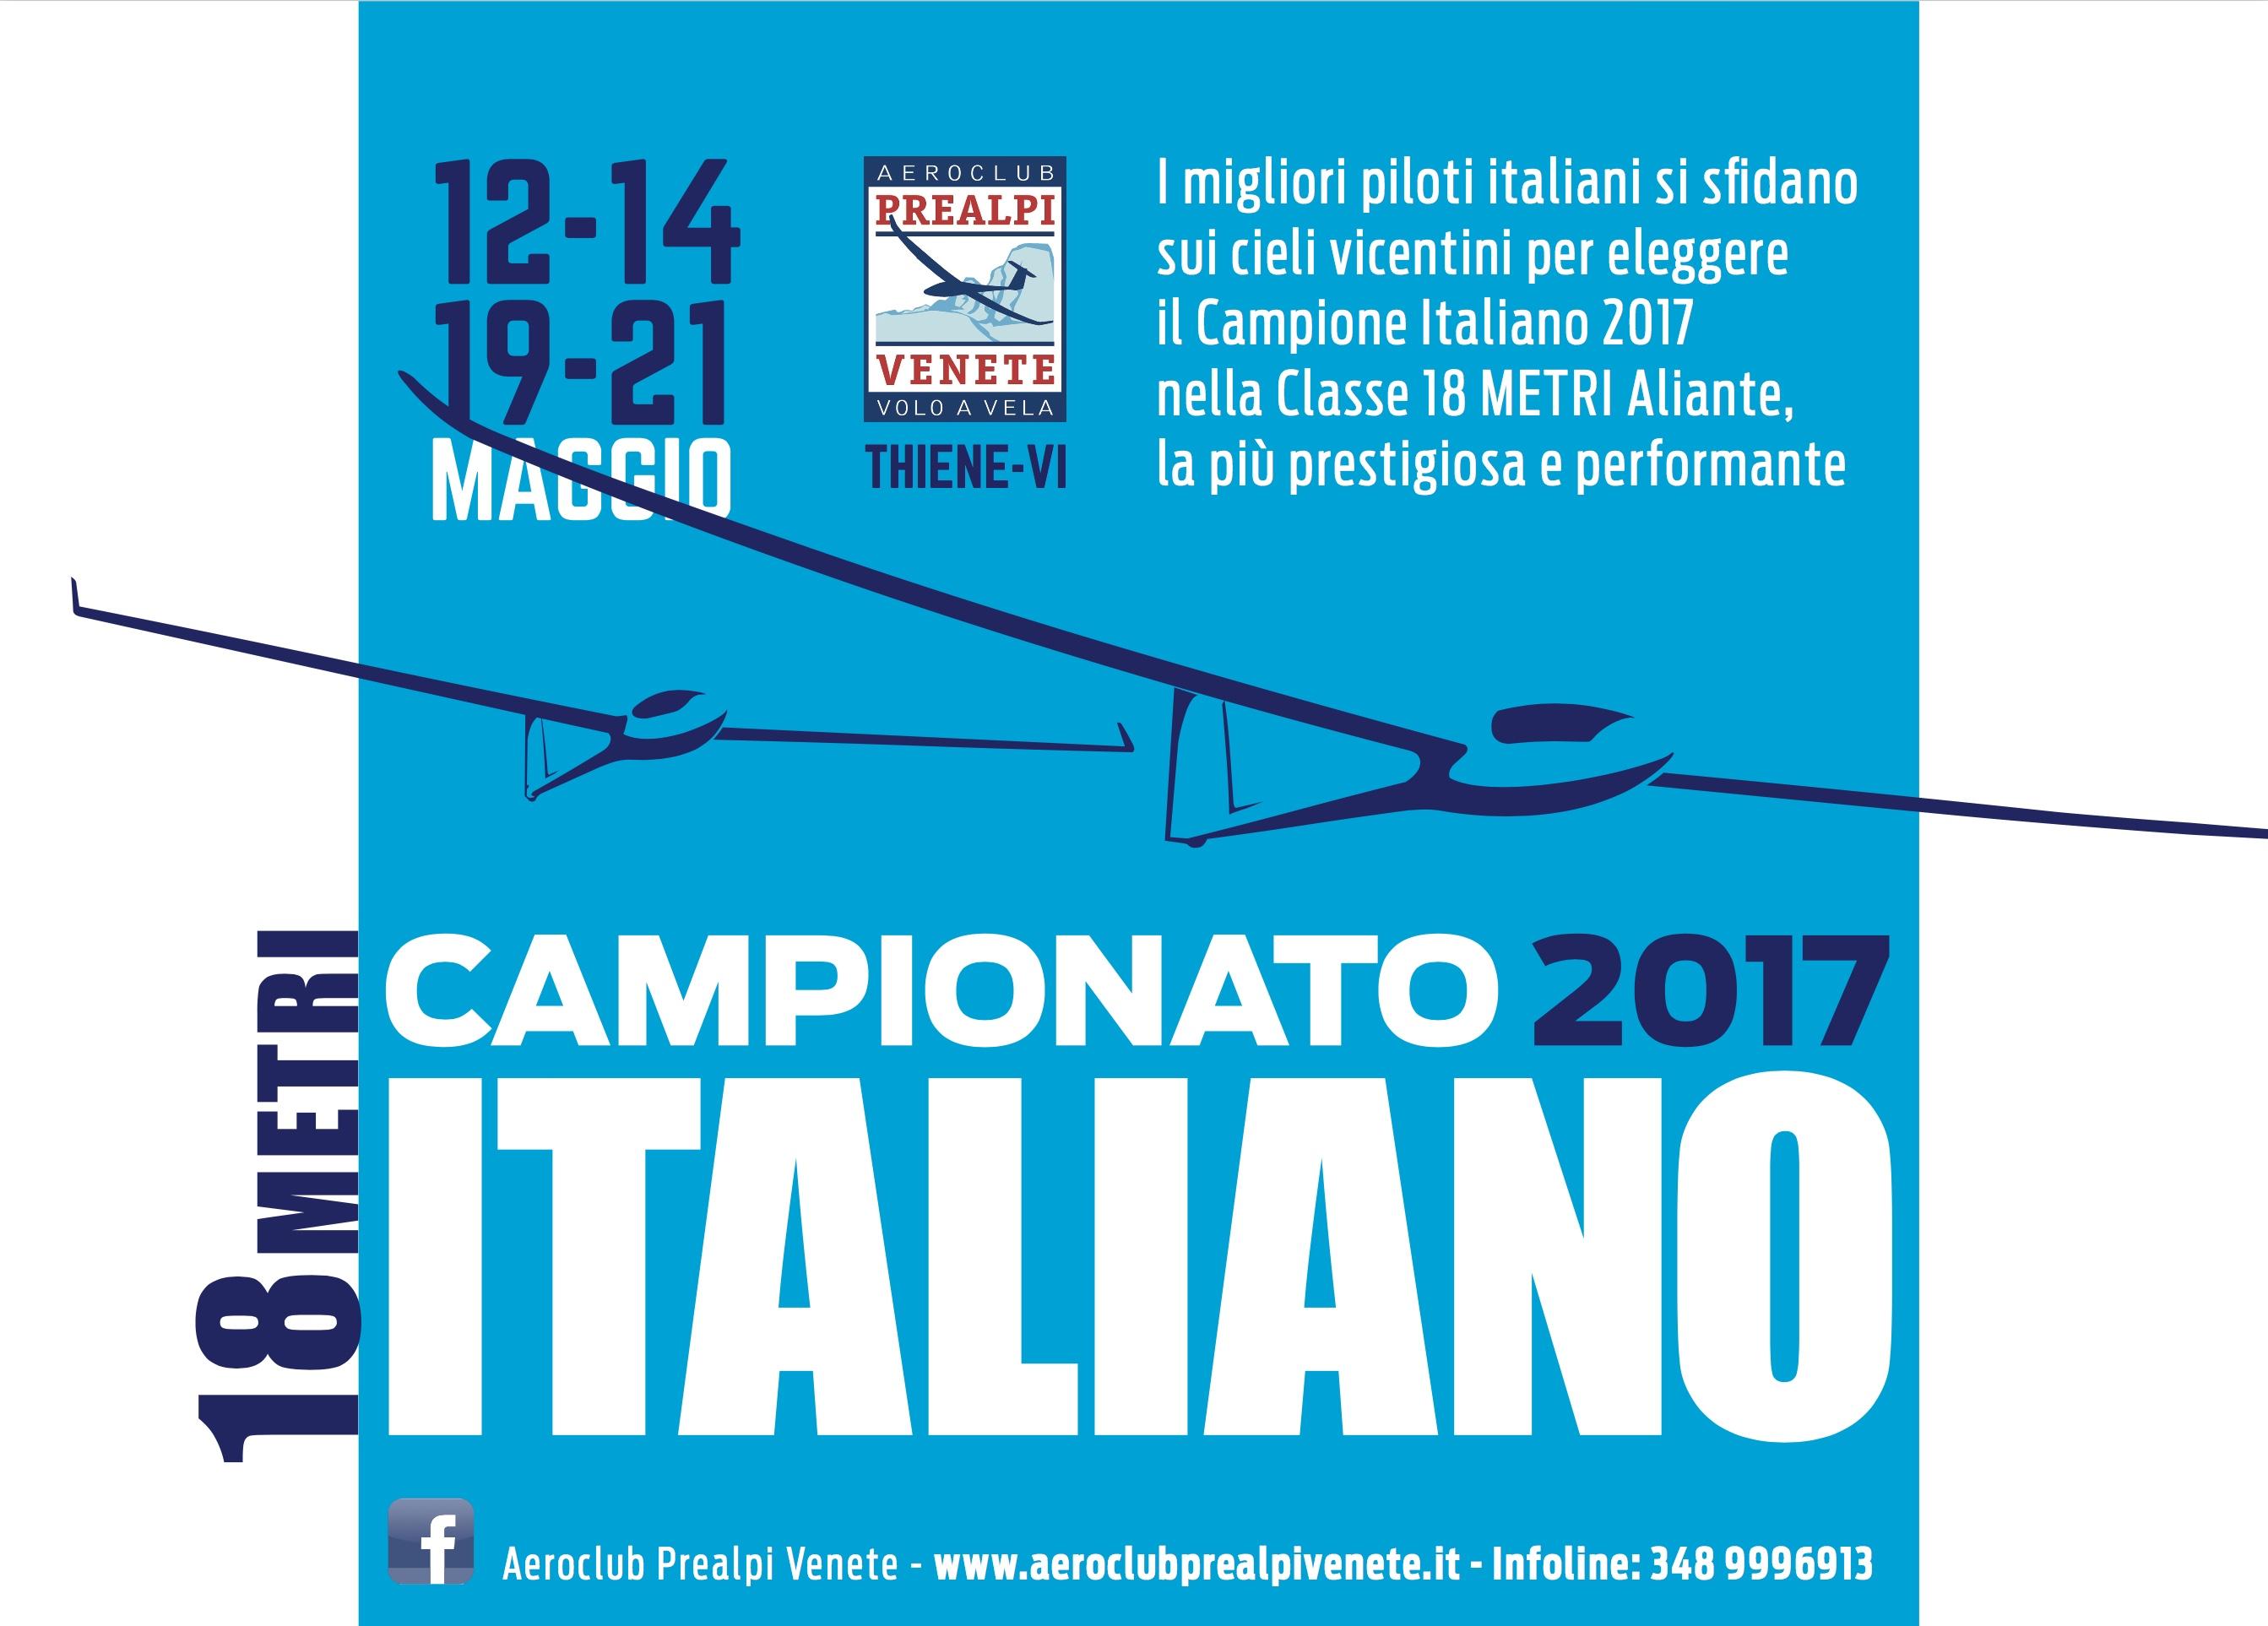 Campionato italiano 18 metri 2017 Thiene Aeroclub Prealpi Venete